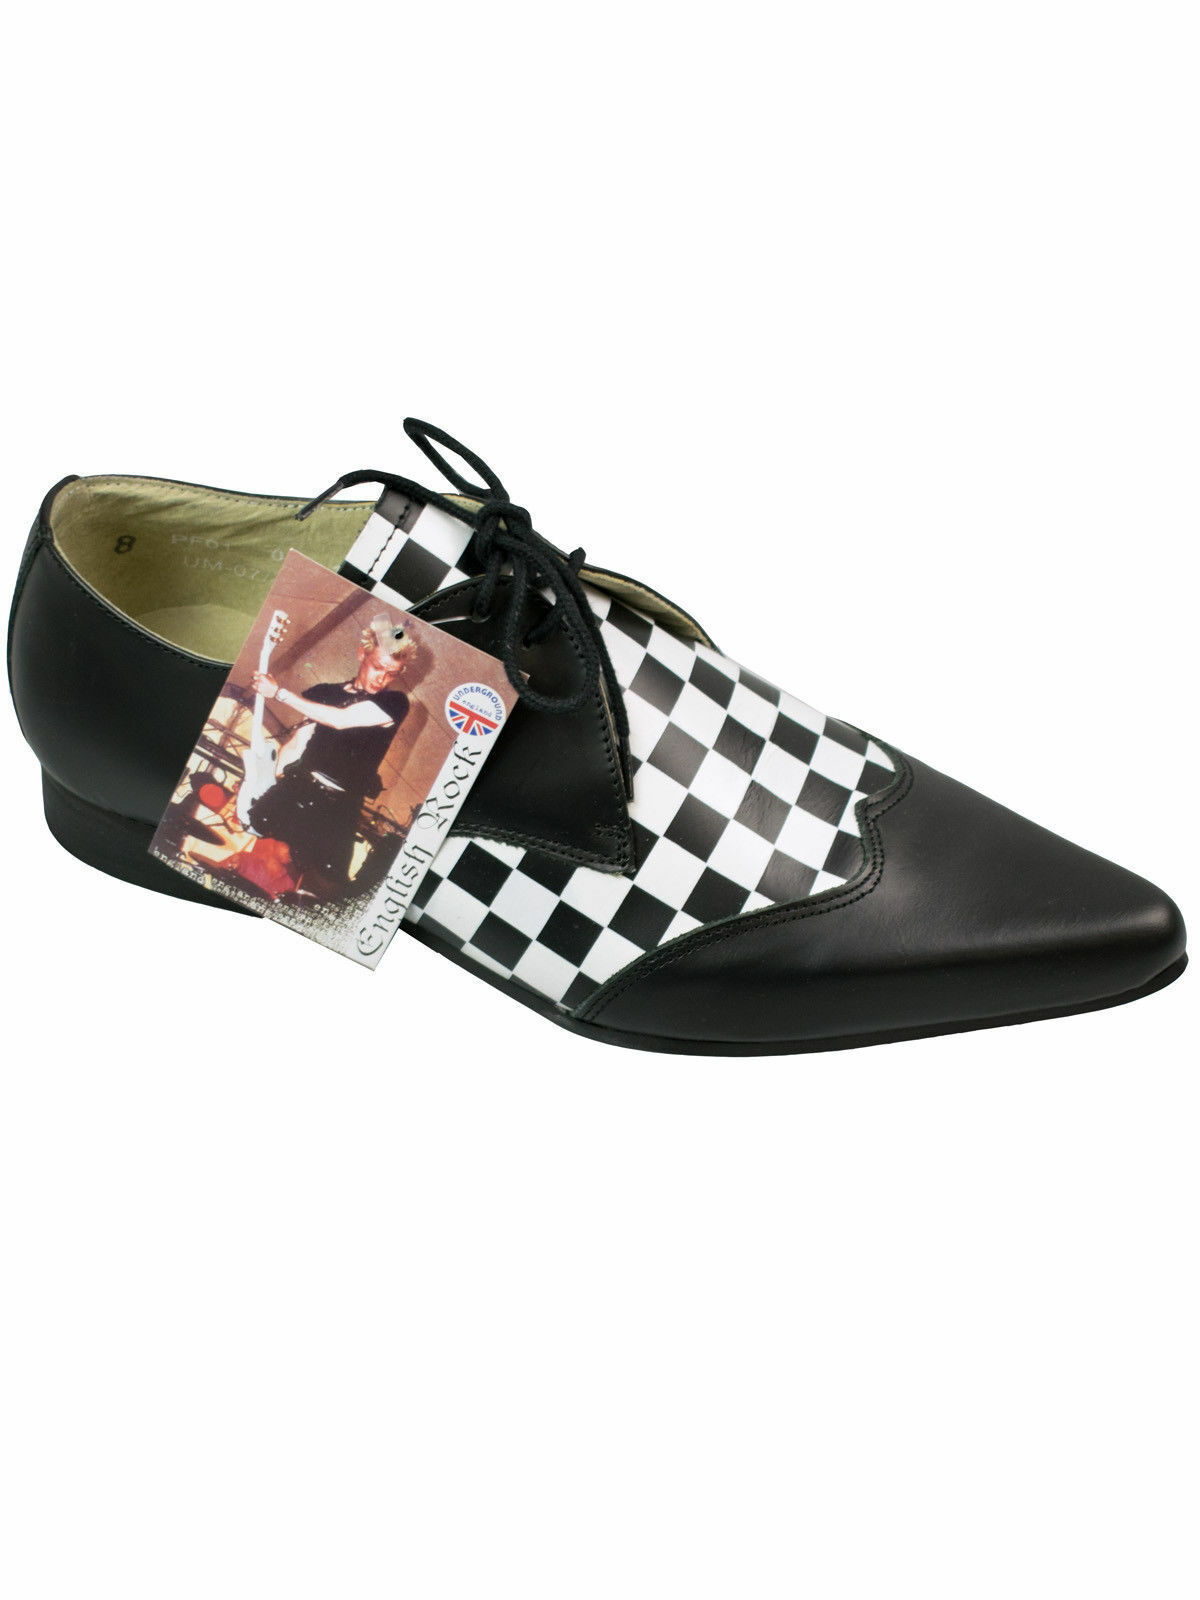 Underground Shoes Winkelpicker Pikes Spitz Halbschuh Checkerboard Chess #5111